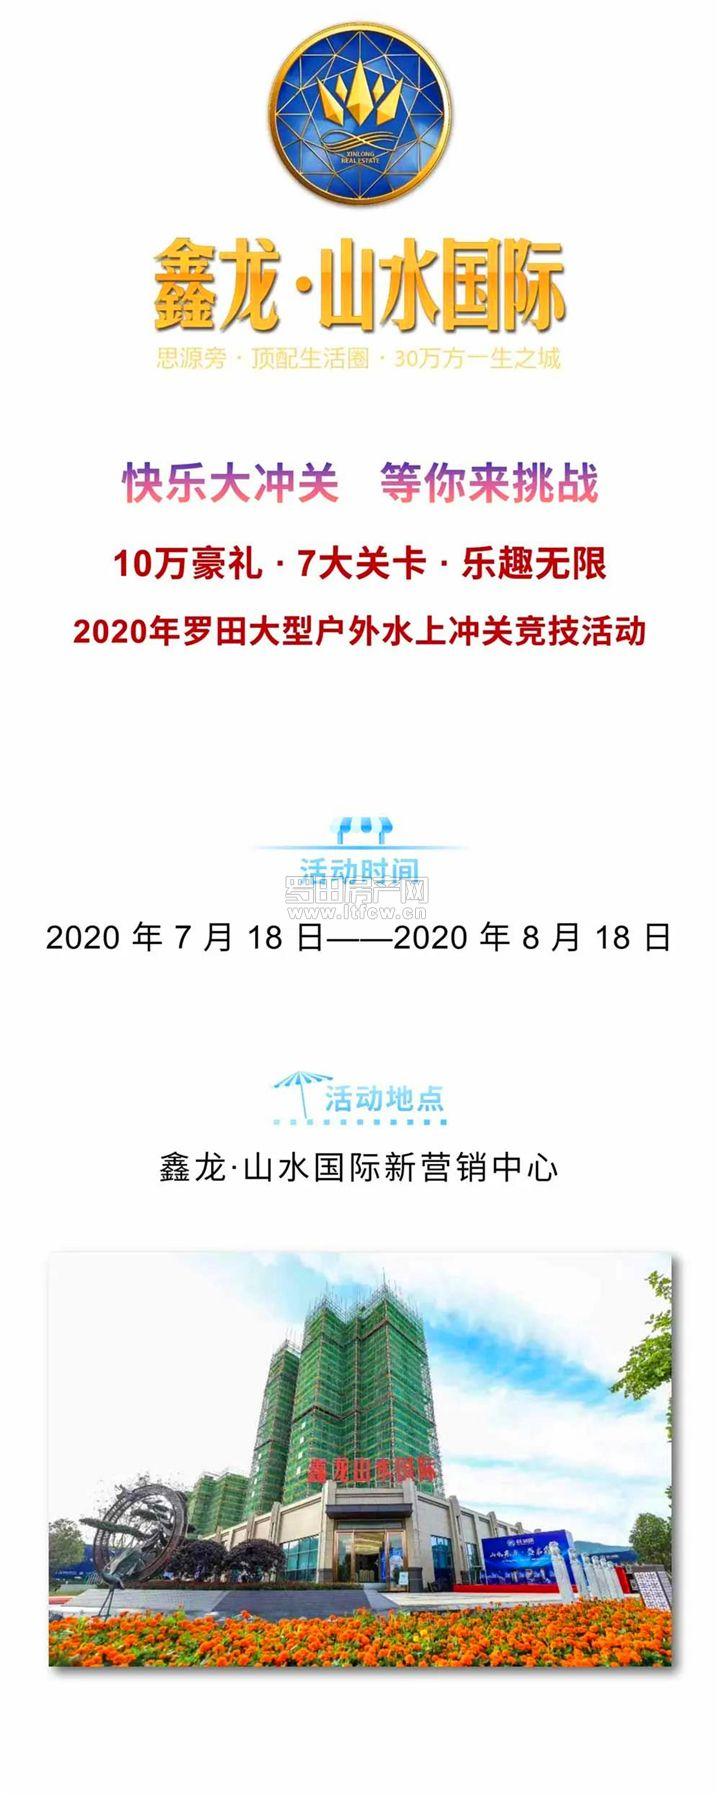 微信图片_20200714113157.jpg